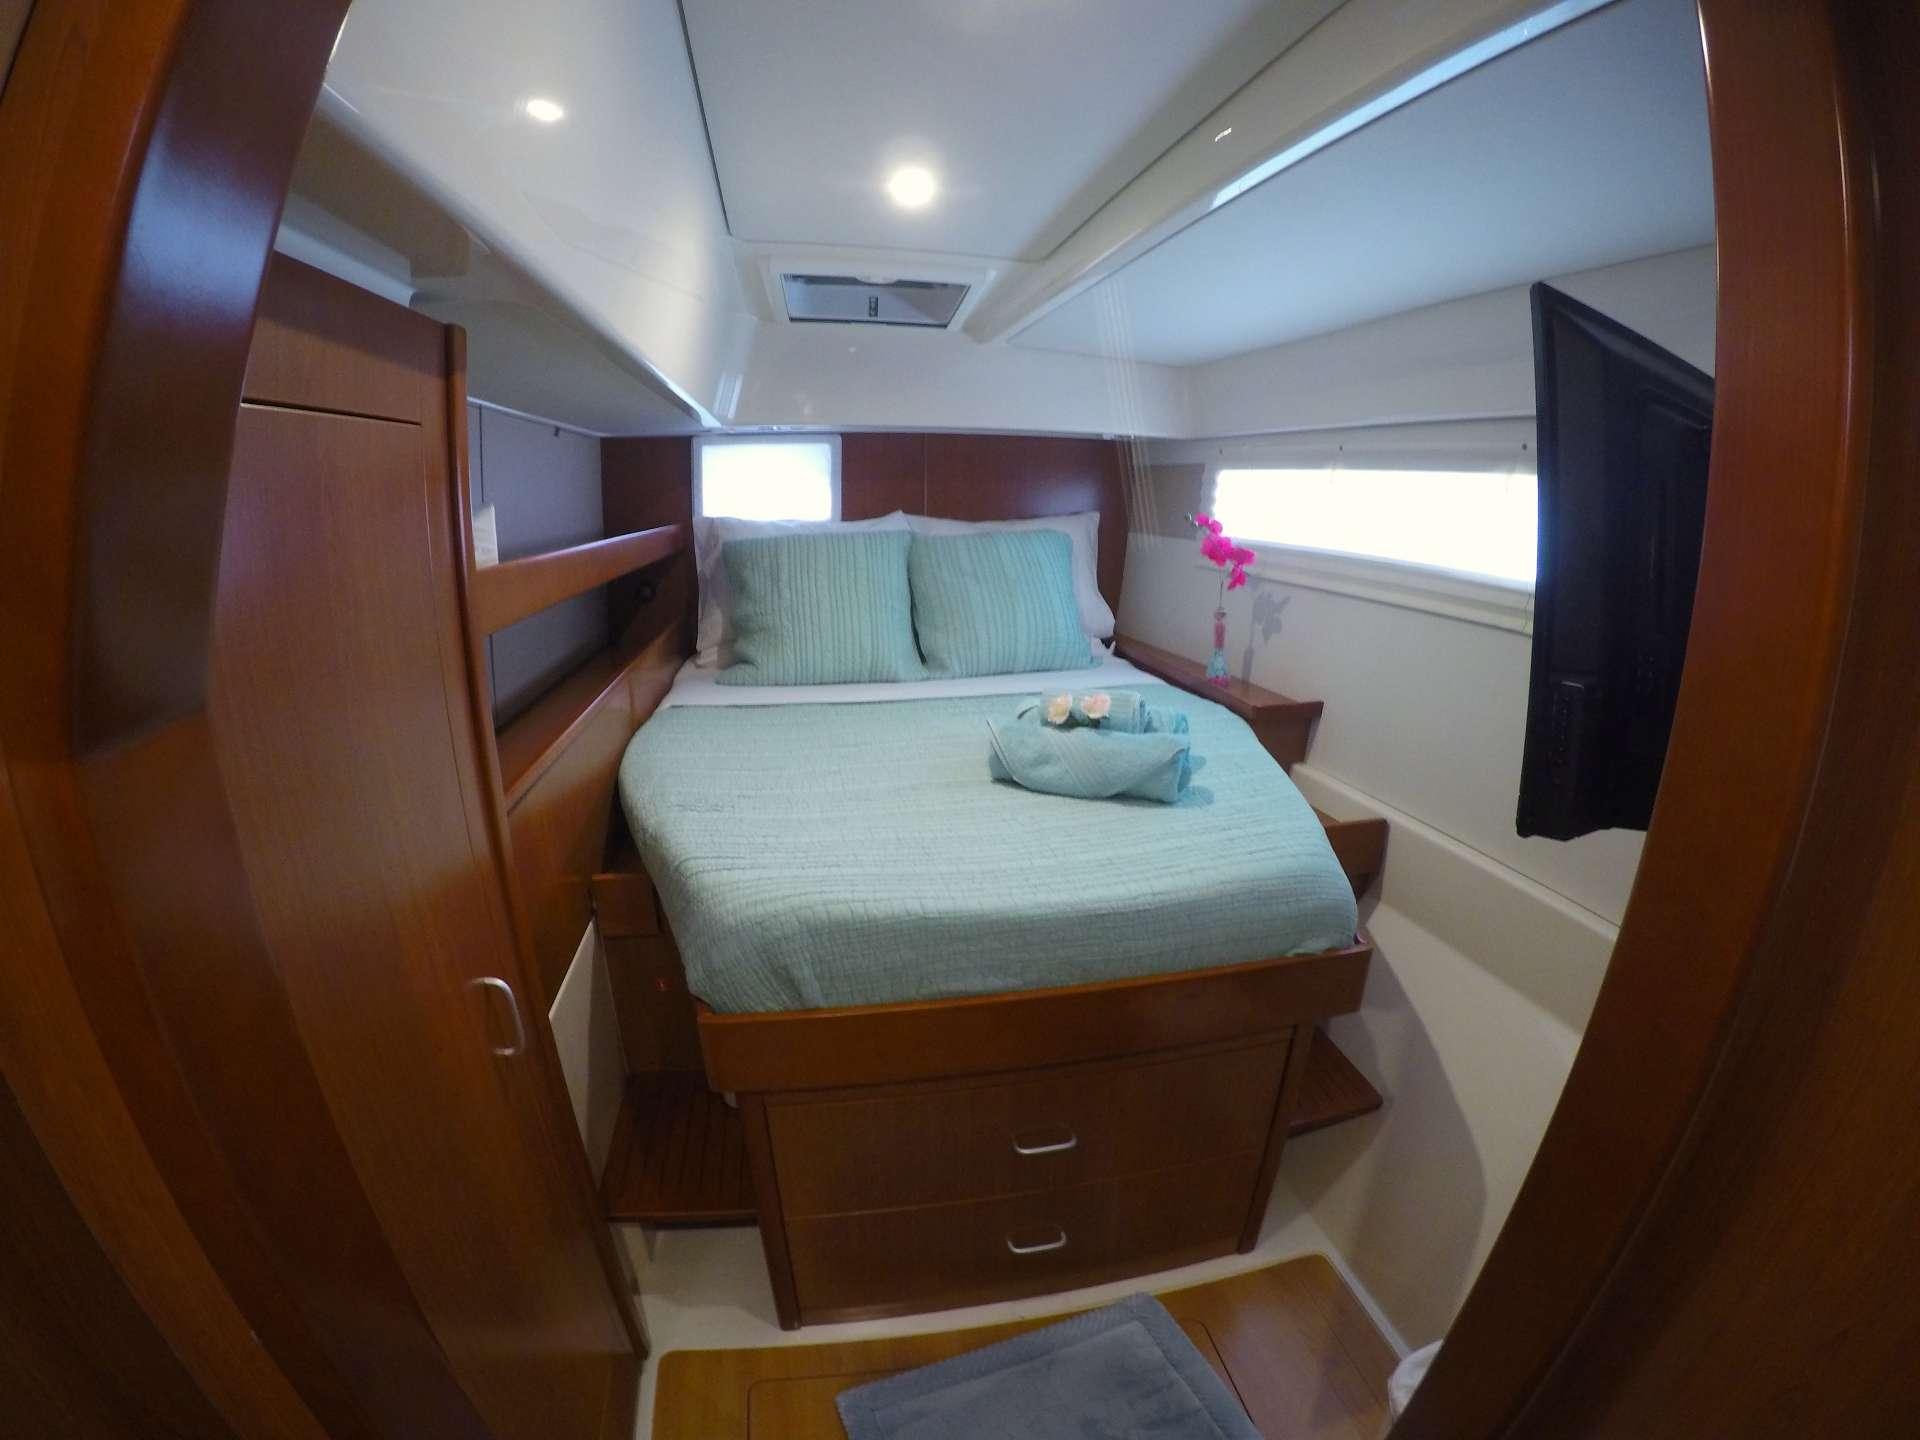 VIP queen guest suite